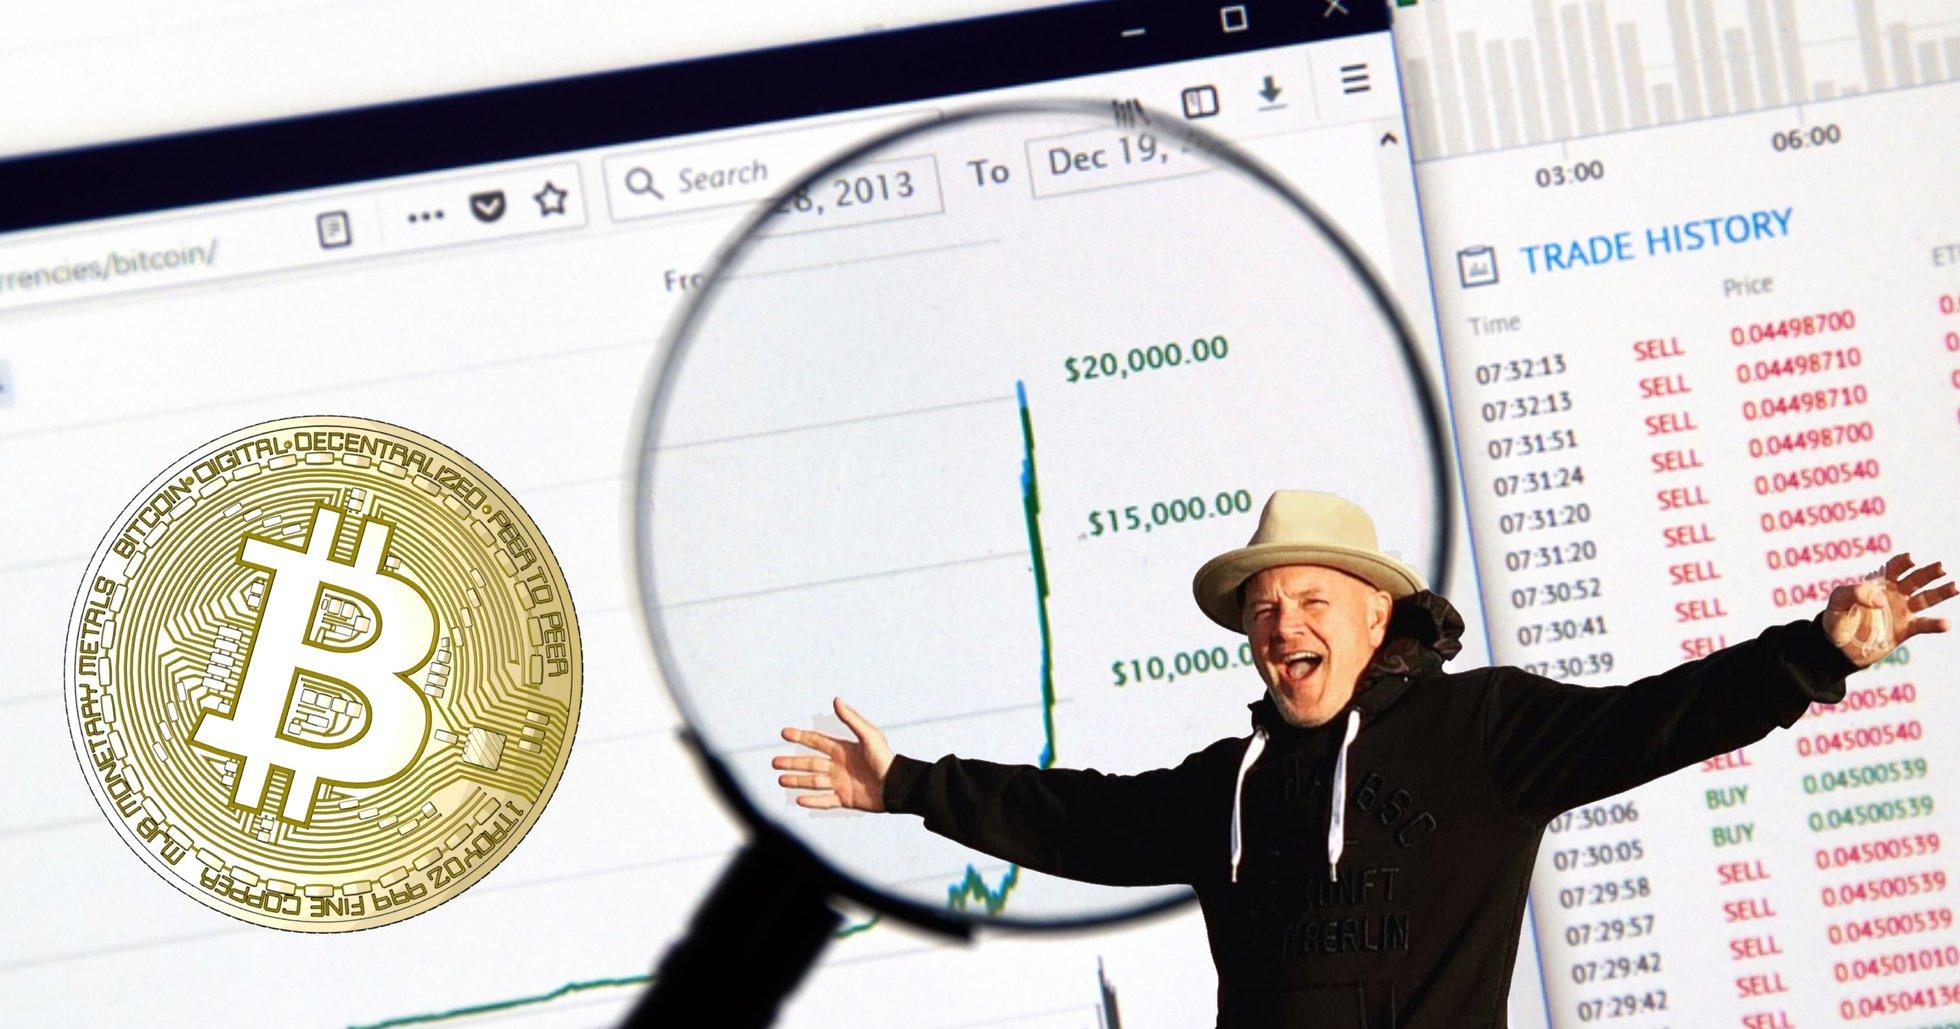 Miljardären Mike Novogratz: Bitcoinpriset kommer att nå 20 000 dollar innan året är slut